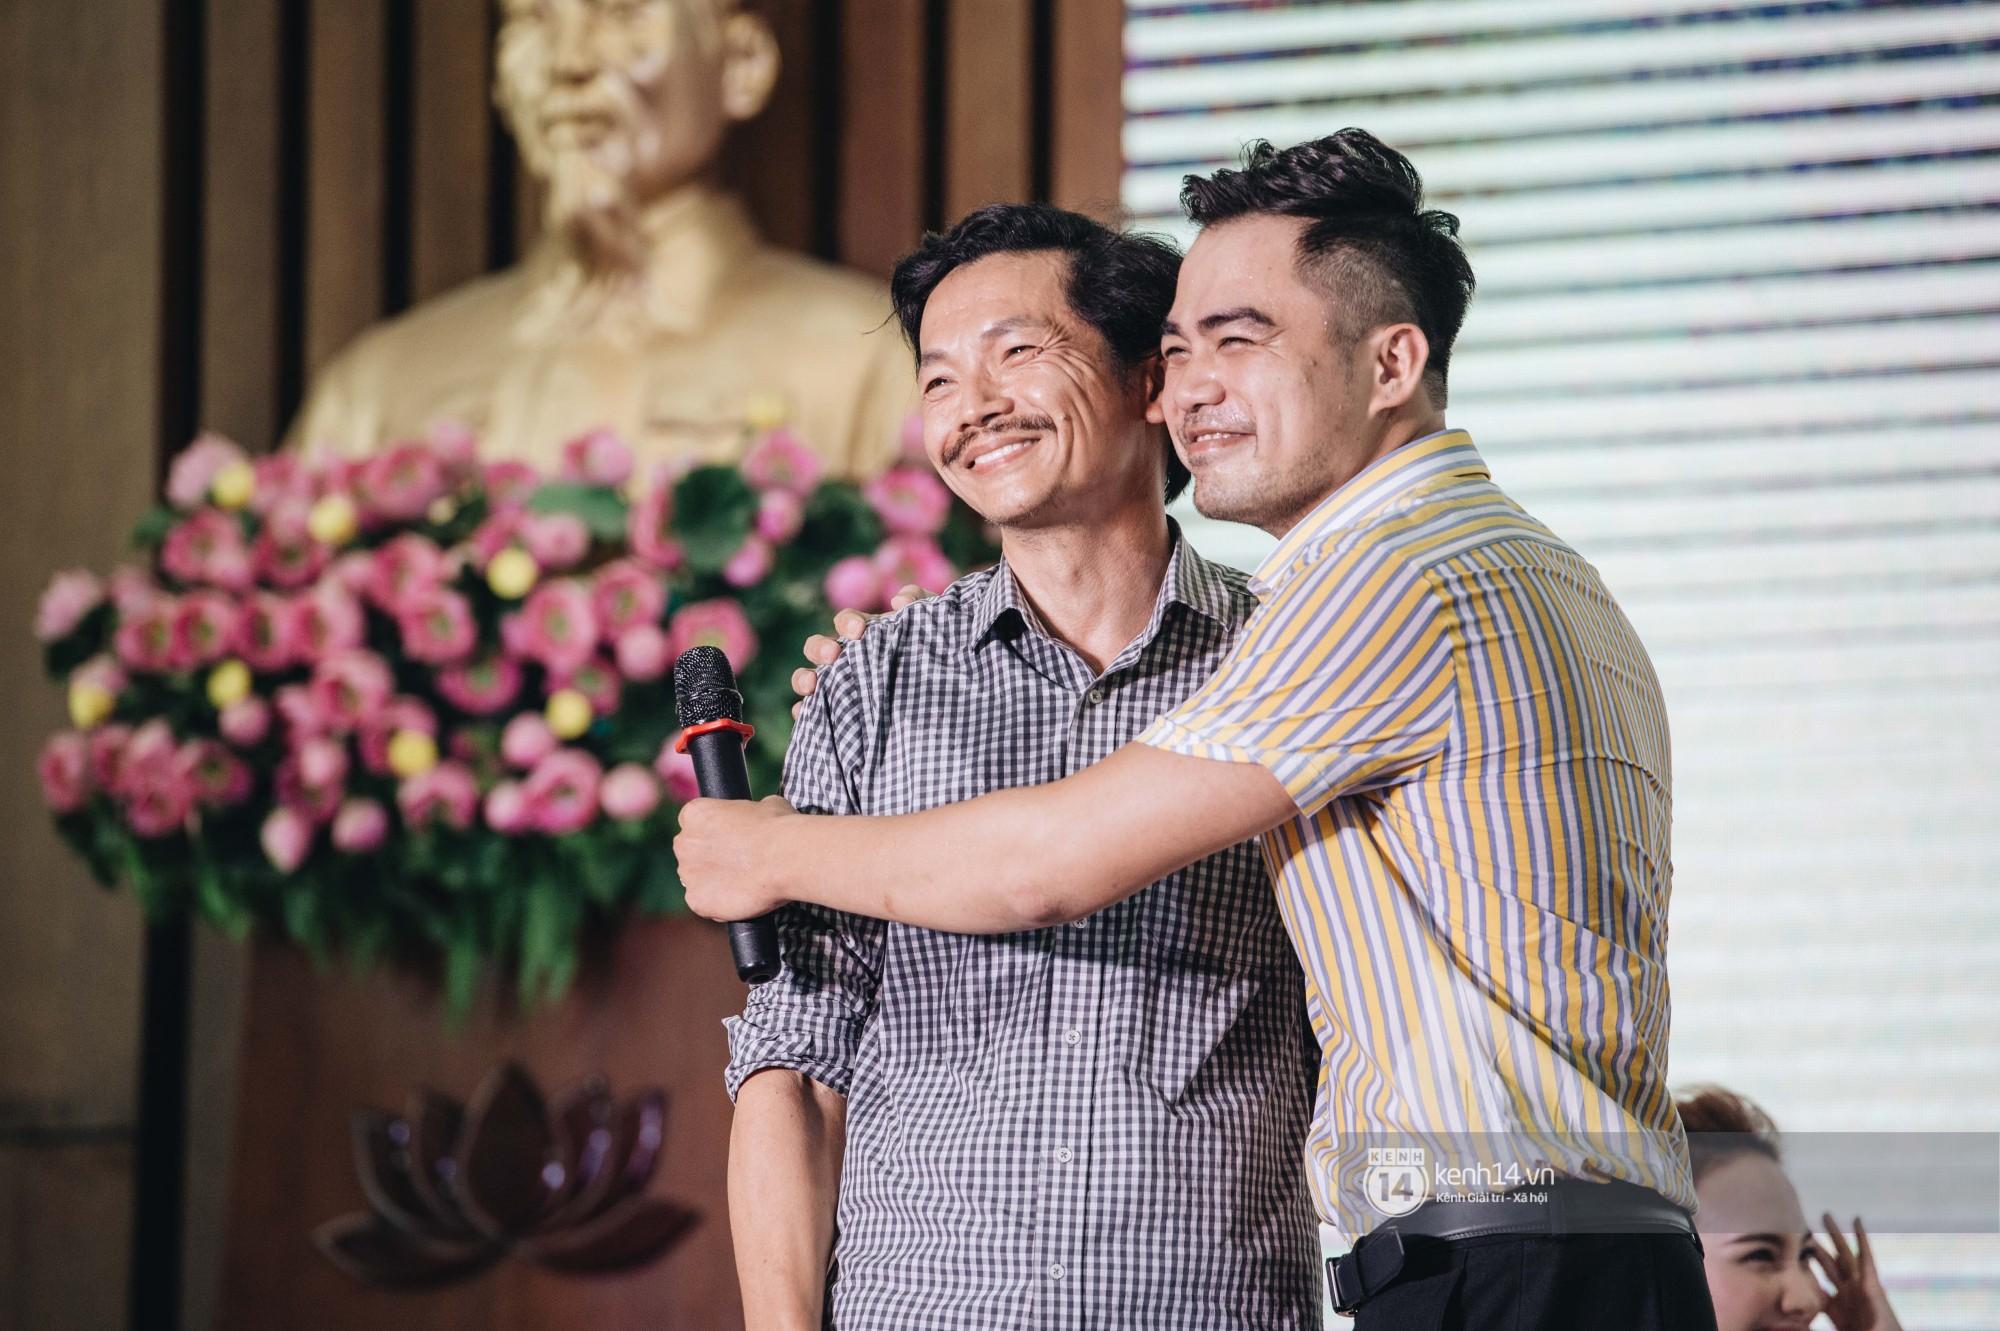 Câu chuyện tình đam mỹ nóng nhất đêm nay: NSƯT Trung Anh và Trọng Hùng từ bố chồng - con rể trở thành... cặp đôi? - Ảnh 8.